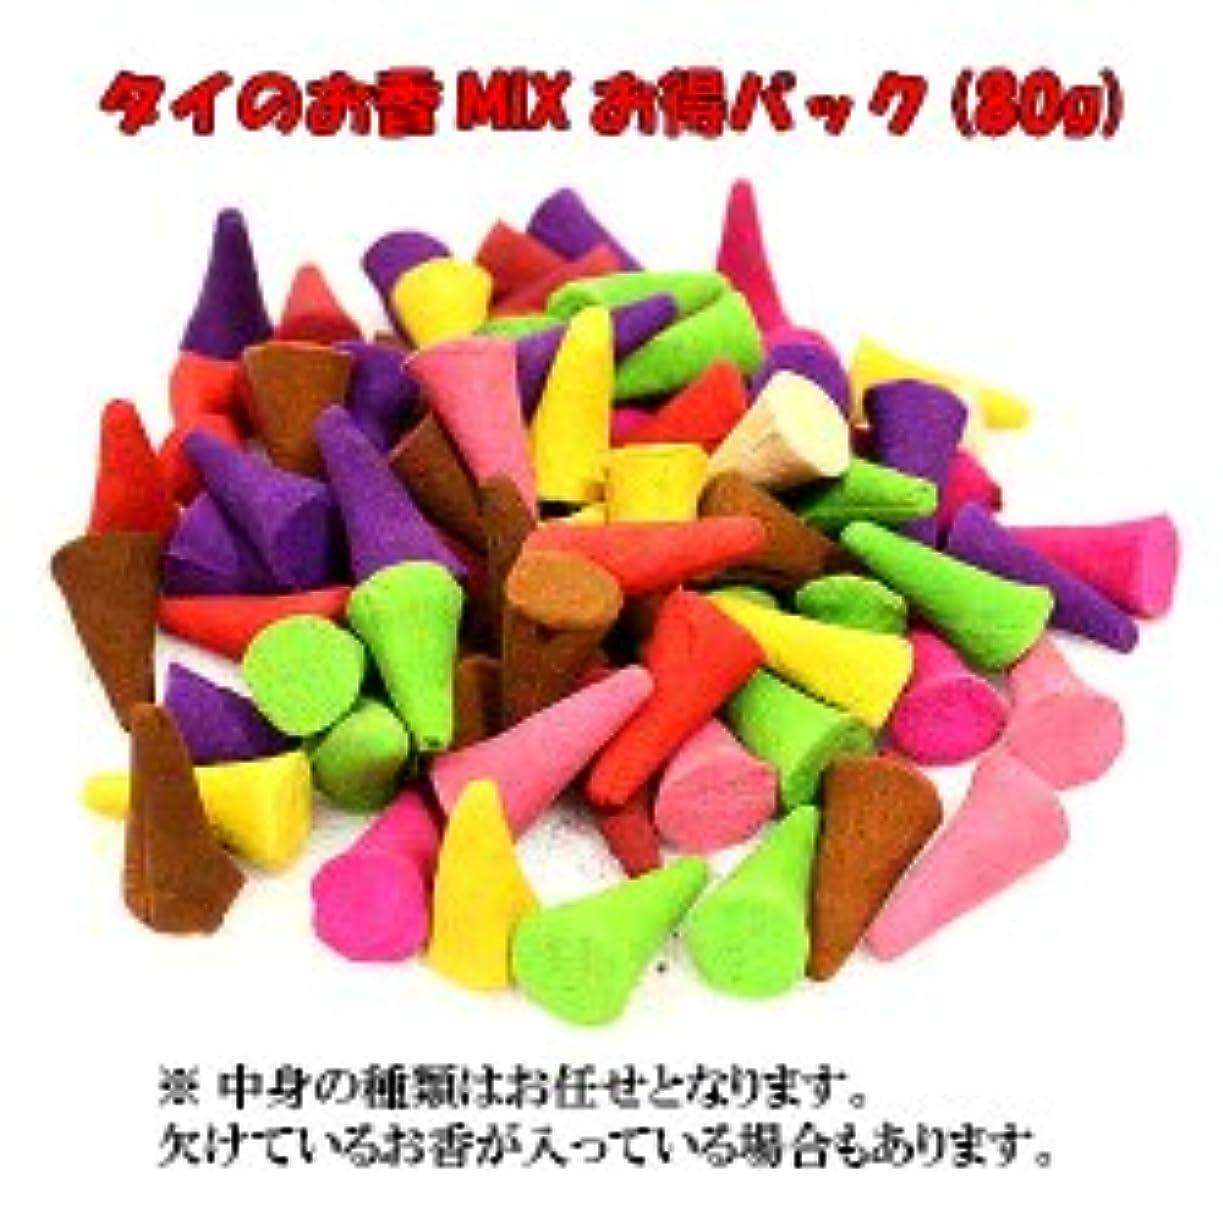 子供時代道を作る検出可能タイのお香 コーンタイプ インセンス MIX お得パック 80g アジアン雑貨